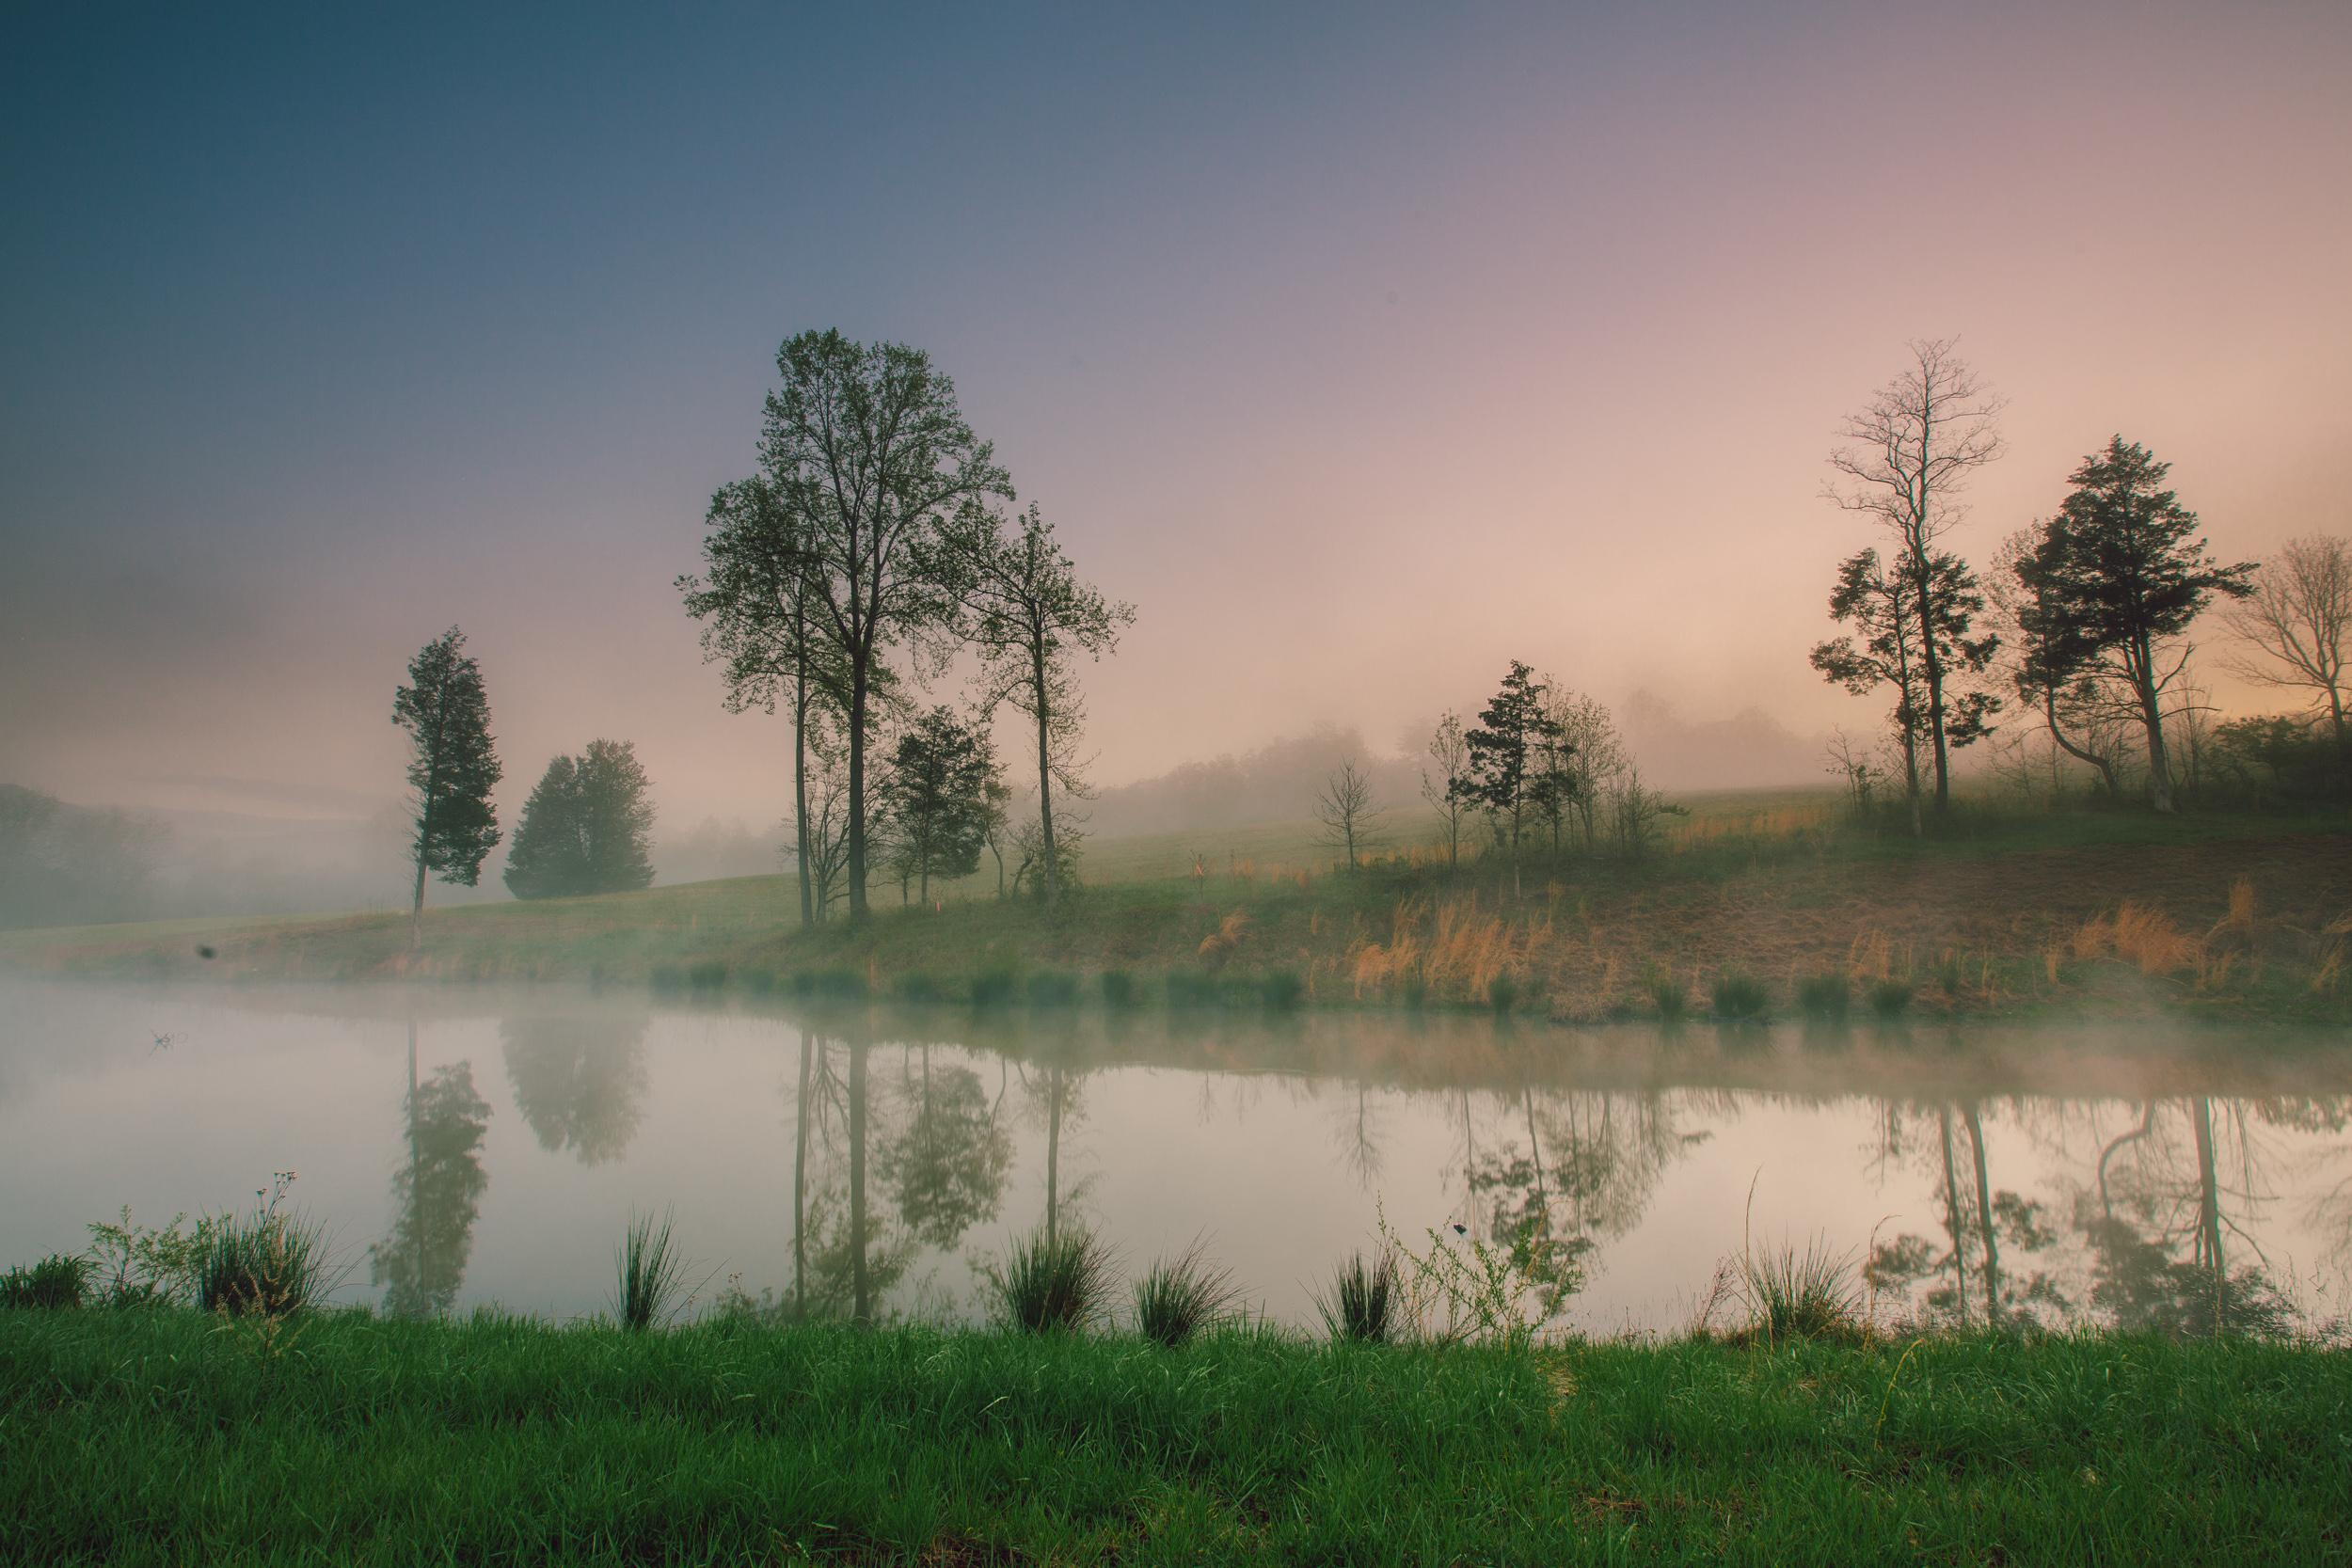 Foggy morning in Bedford, VA